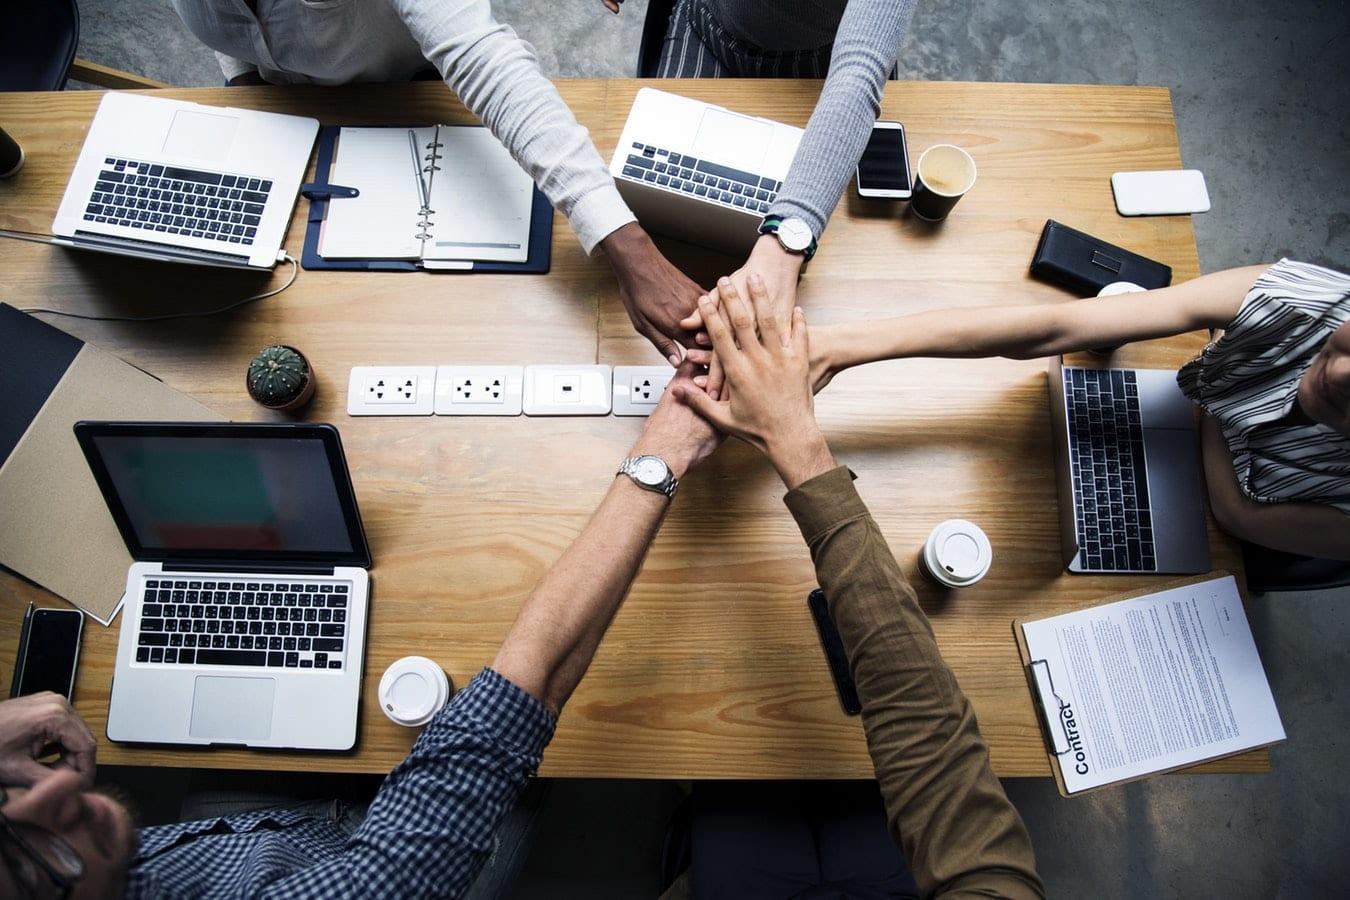 employee-retention-team-work